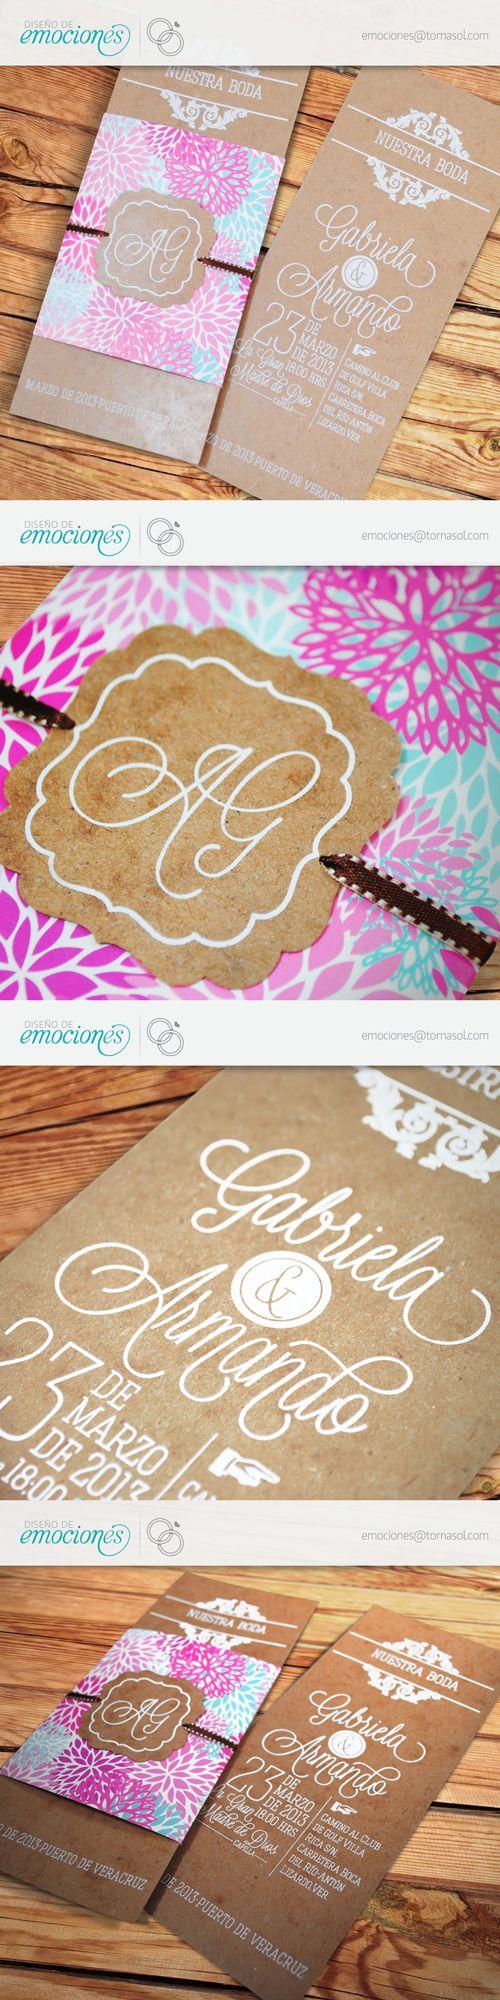 Sencilla y elegante invitación para boda. Impresa en serigrafía con cintillo en papel de fantasía. Cierra con monograma suajado con las iniciales de los novios y listón. Diseño Boho chic en papel madera y cintillo estampado en flores.